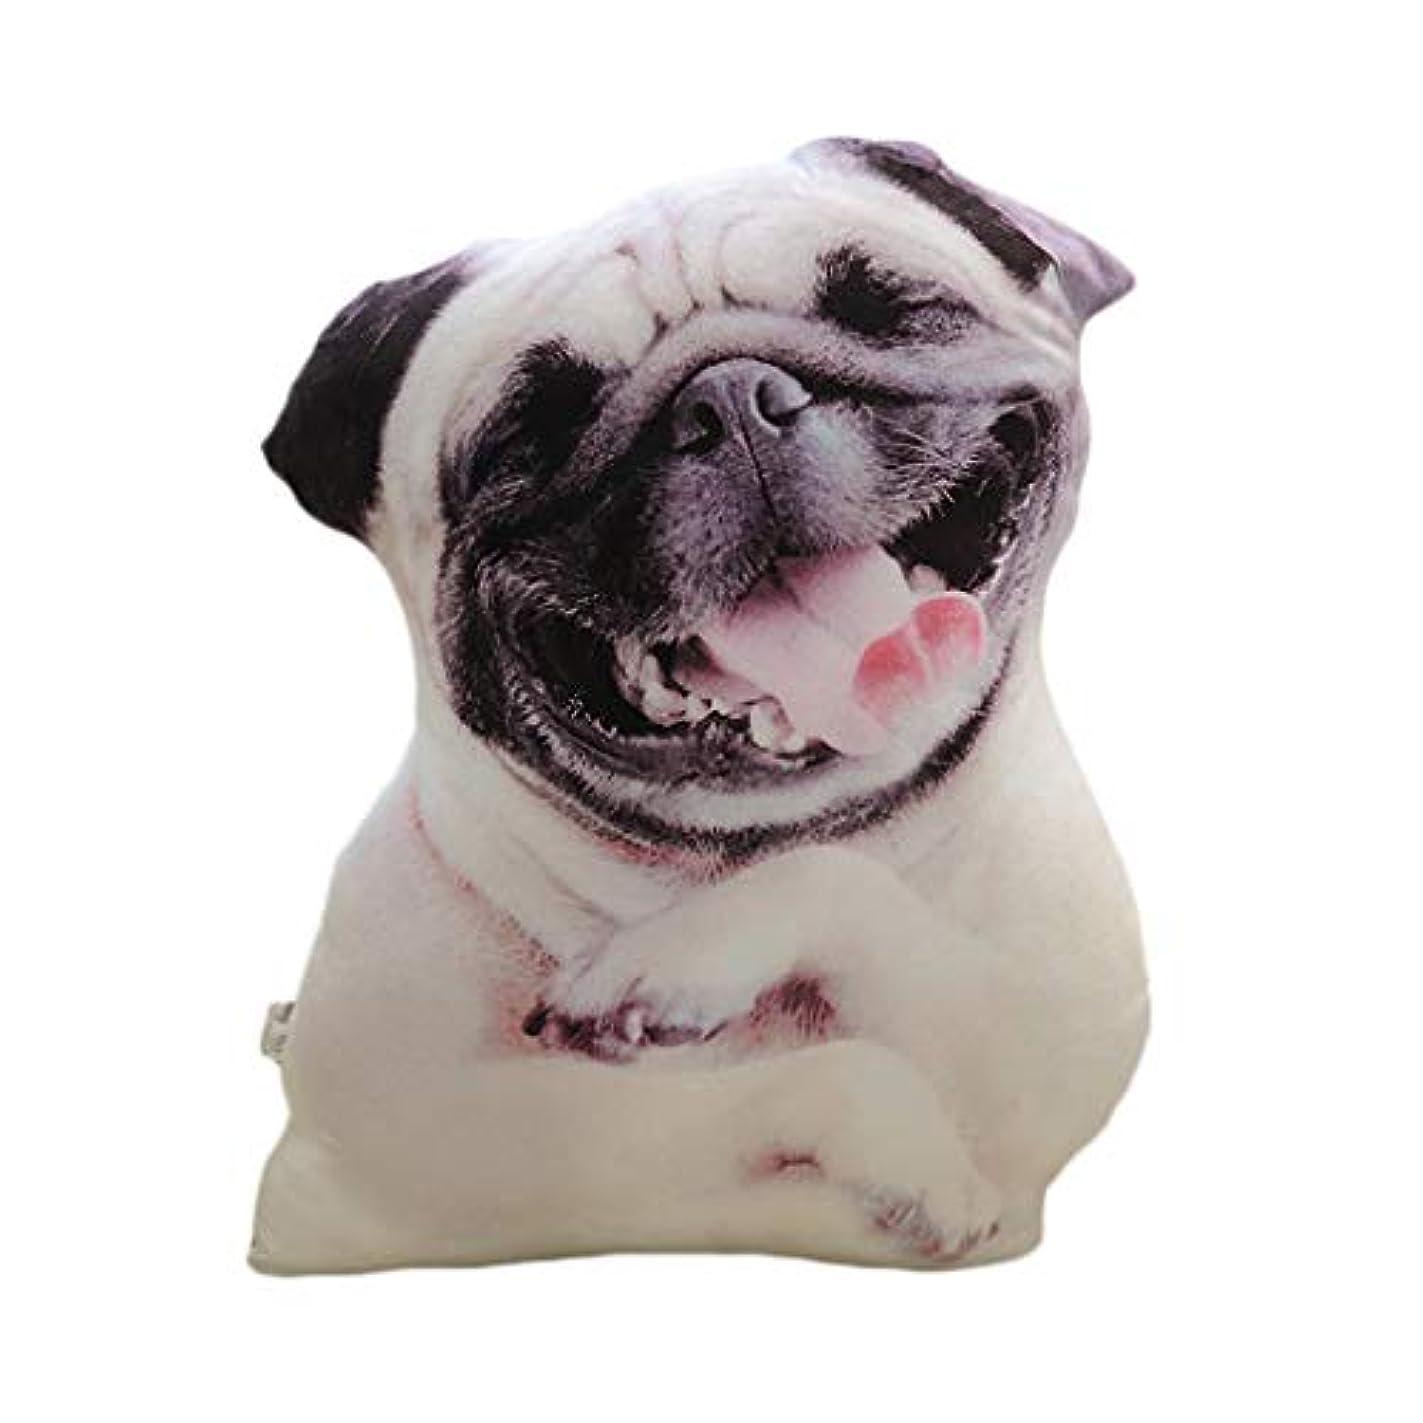 彼自身レーニン主義里親LIFE 装飾クッションソファおかしい 3D 犬印刷スロー枕創造クッションかわいいぬいぐるみギフト家の装飾 coussin decoratif クッション 椅子